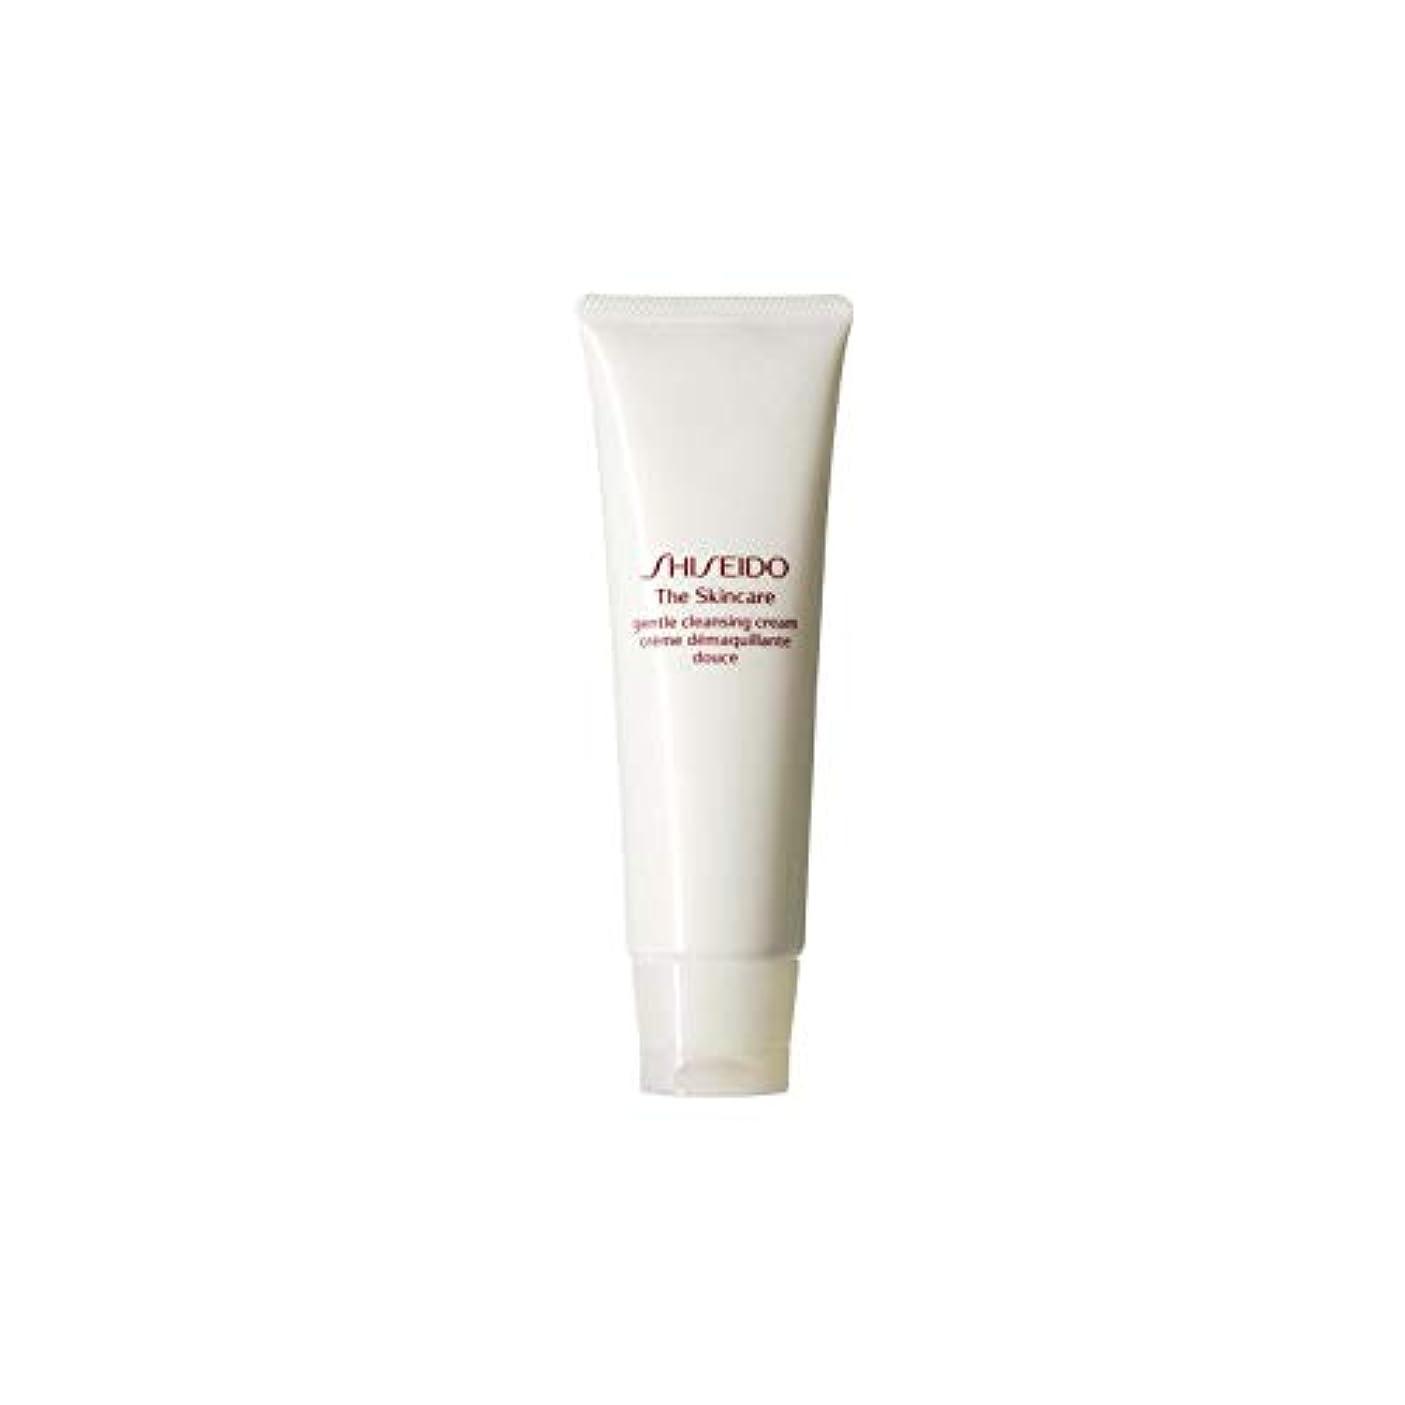 鳥サルベージデンマーク[Shiseido ] 資生堂スキンケアの必需品ジェントルクレンジングクリーム(125ミリリットル) - Shiseido The Skincare Essentials Gentle Cleansing Cream (...